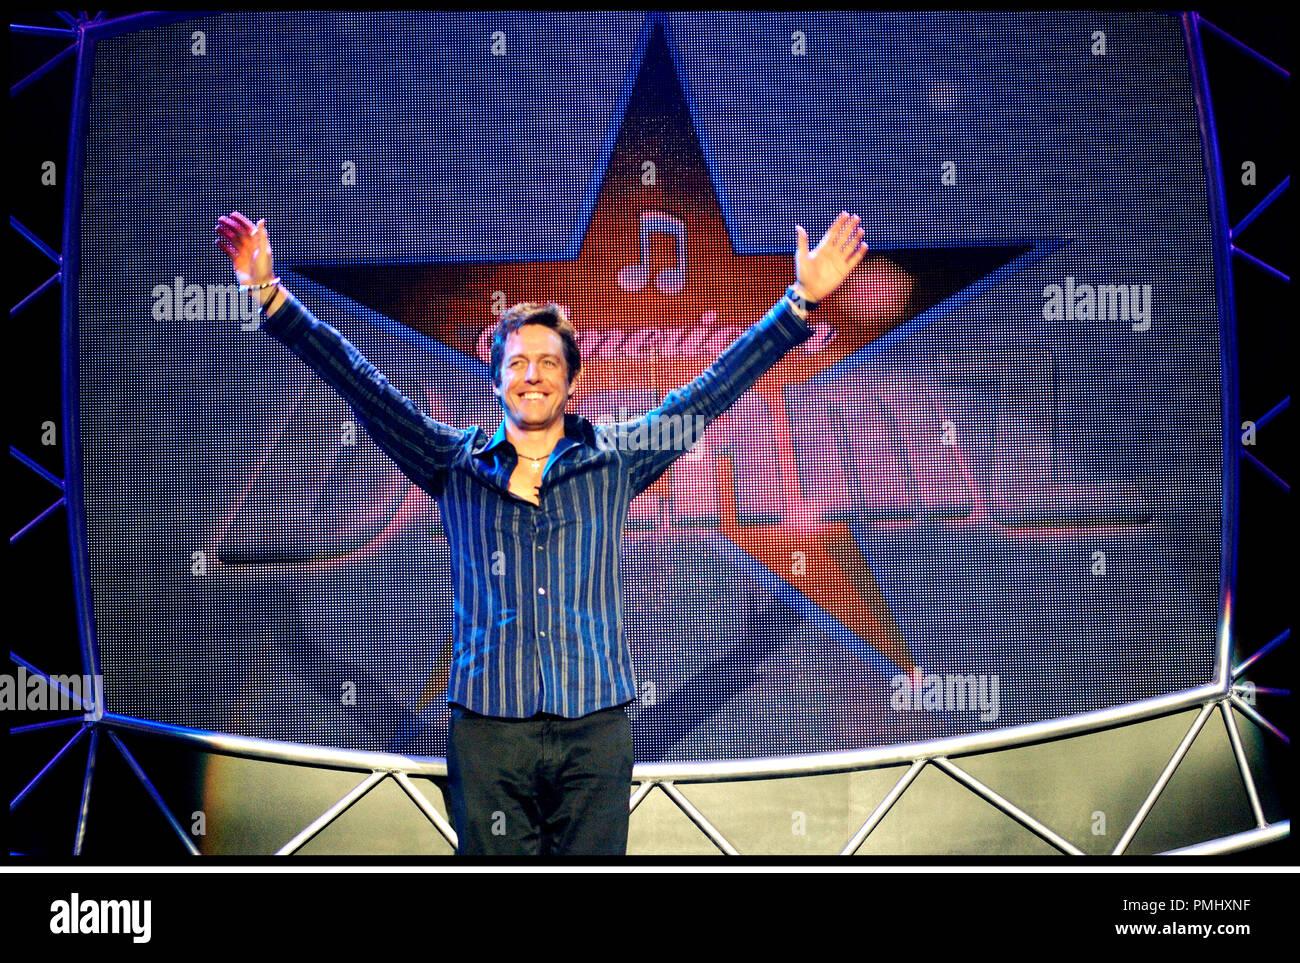 Prod DB © NBC Universal / DR AMERICAN DREAMZ (AMERICAN DREAMZ de Paul Weitz 2006) USA avec Hugh Grant show téléviser, spectacle, la télévision, la réalité-show,acclamation, star Photo Stock